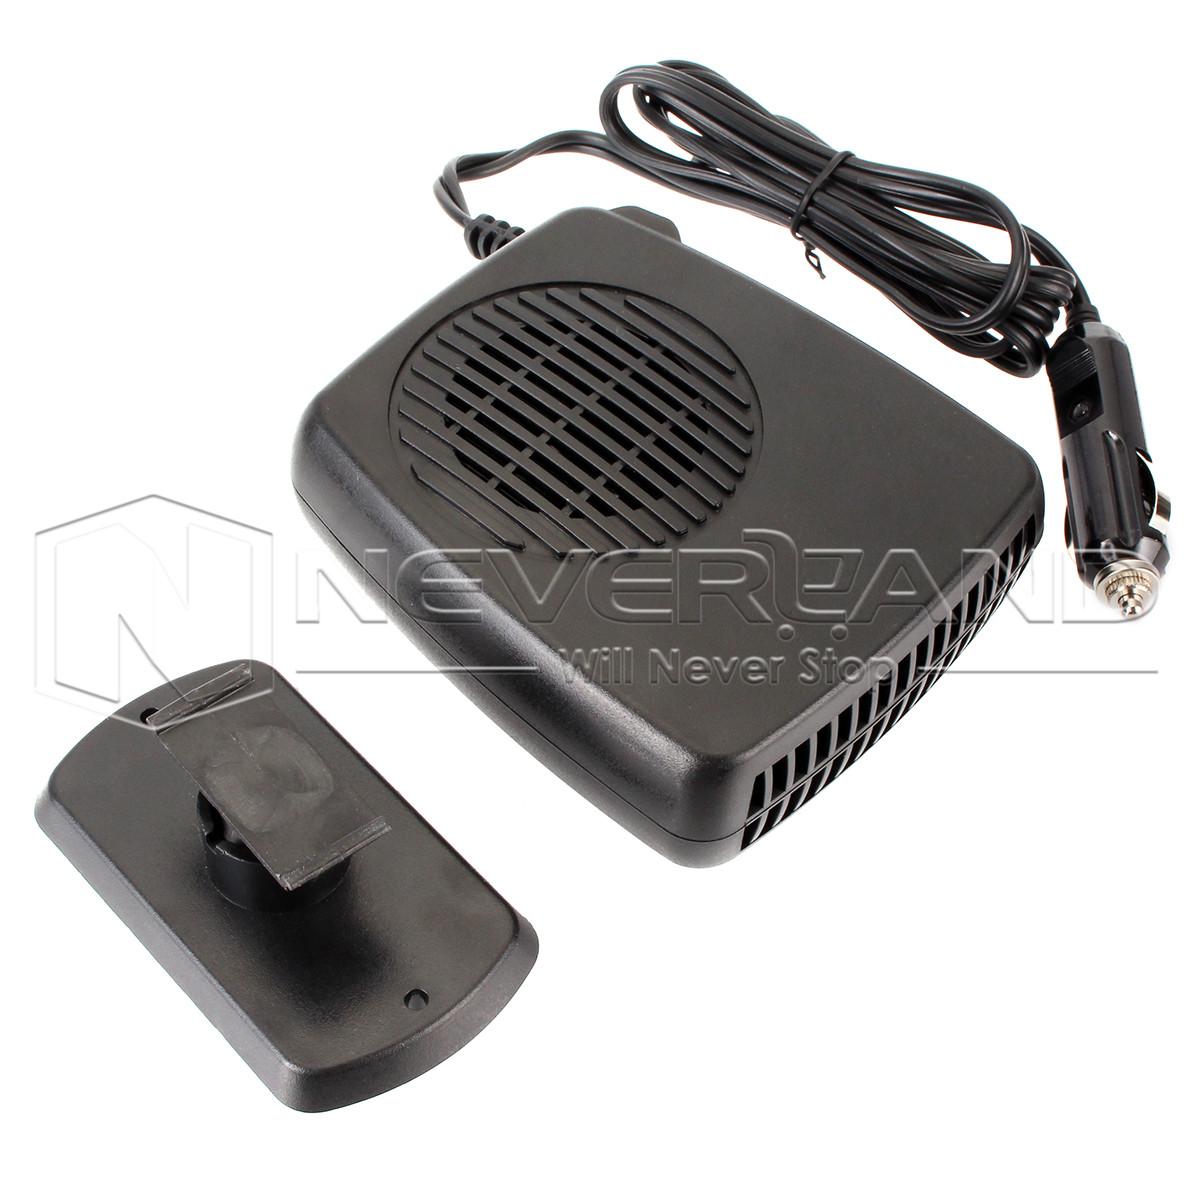 12v 200w Auto Car Heater Heating Fan Dryer Windshield